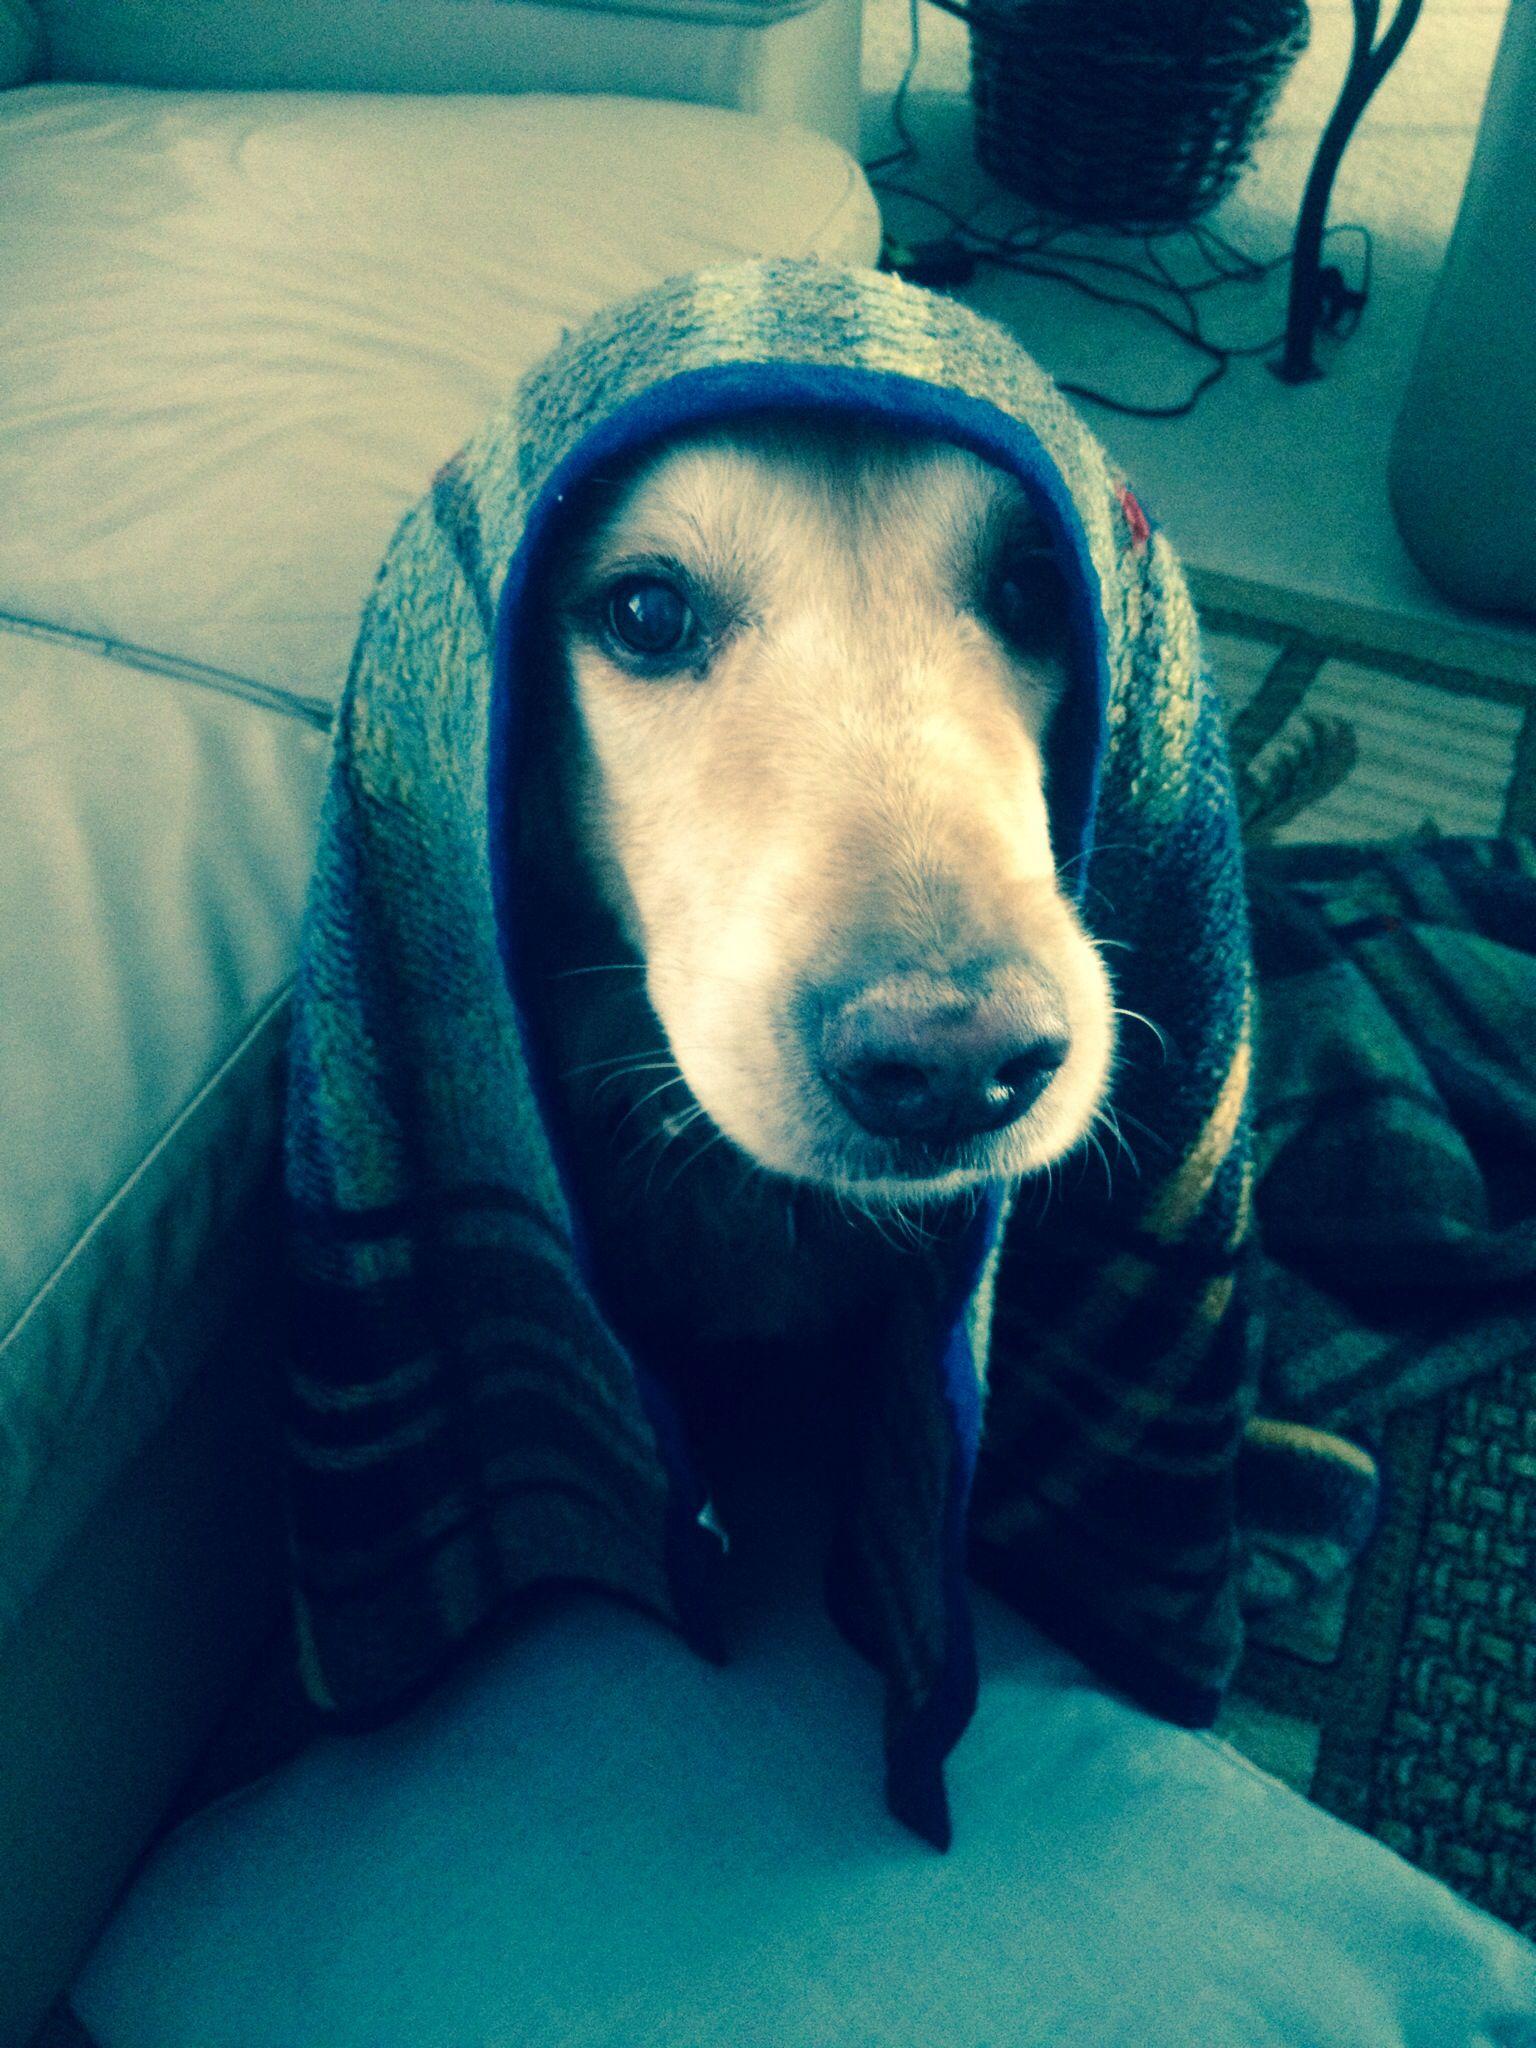 He loves blankets<3